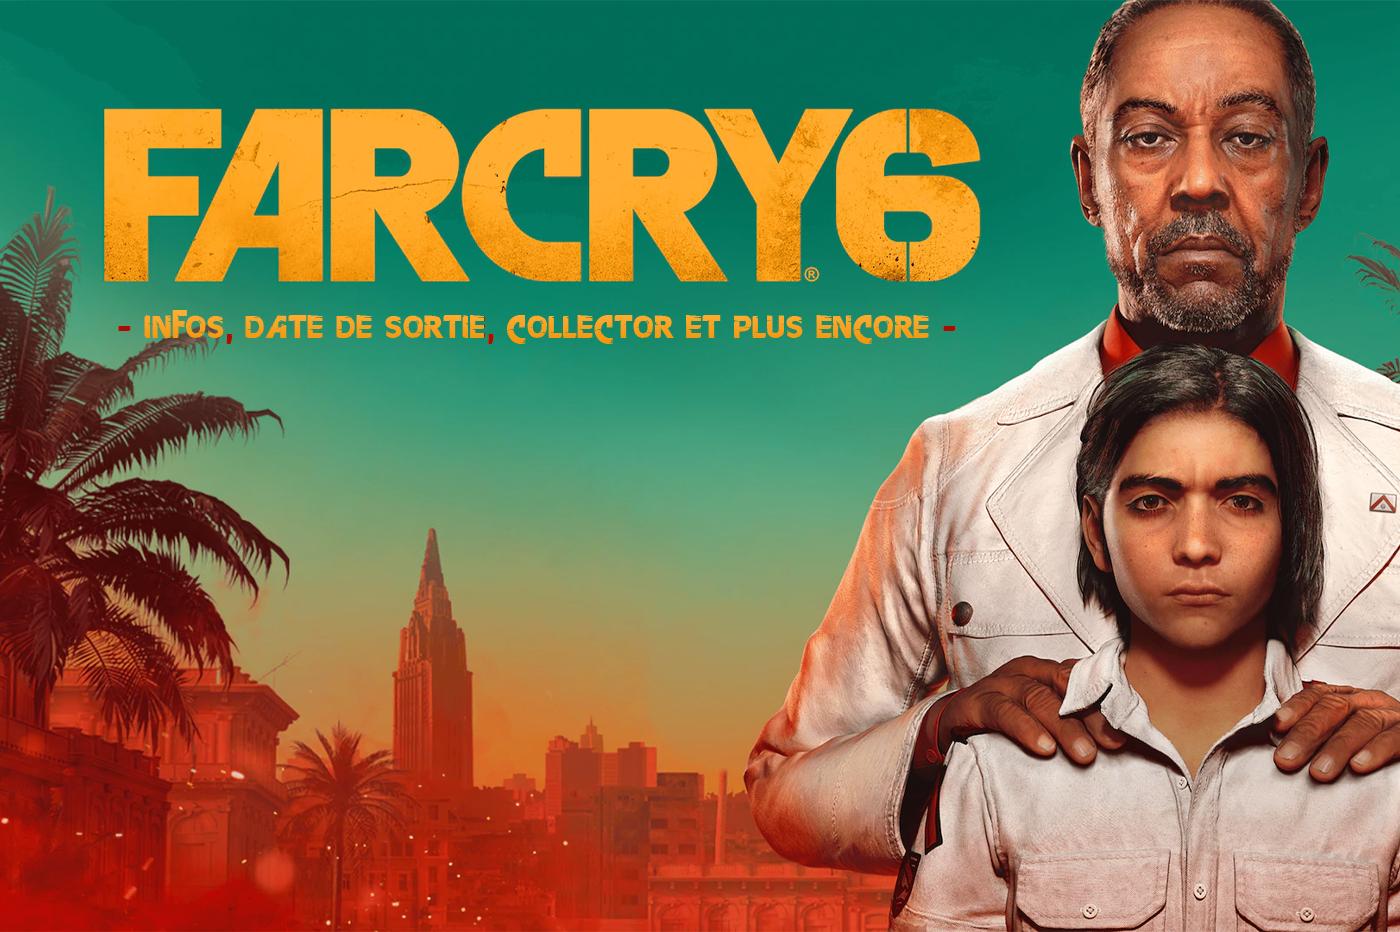 FarCry 6 - Infos, date de sortie, collector et plus encore..